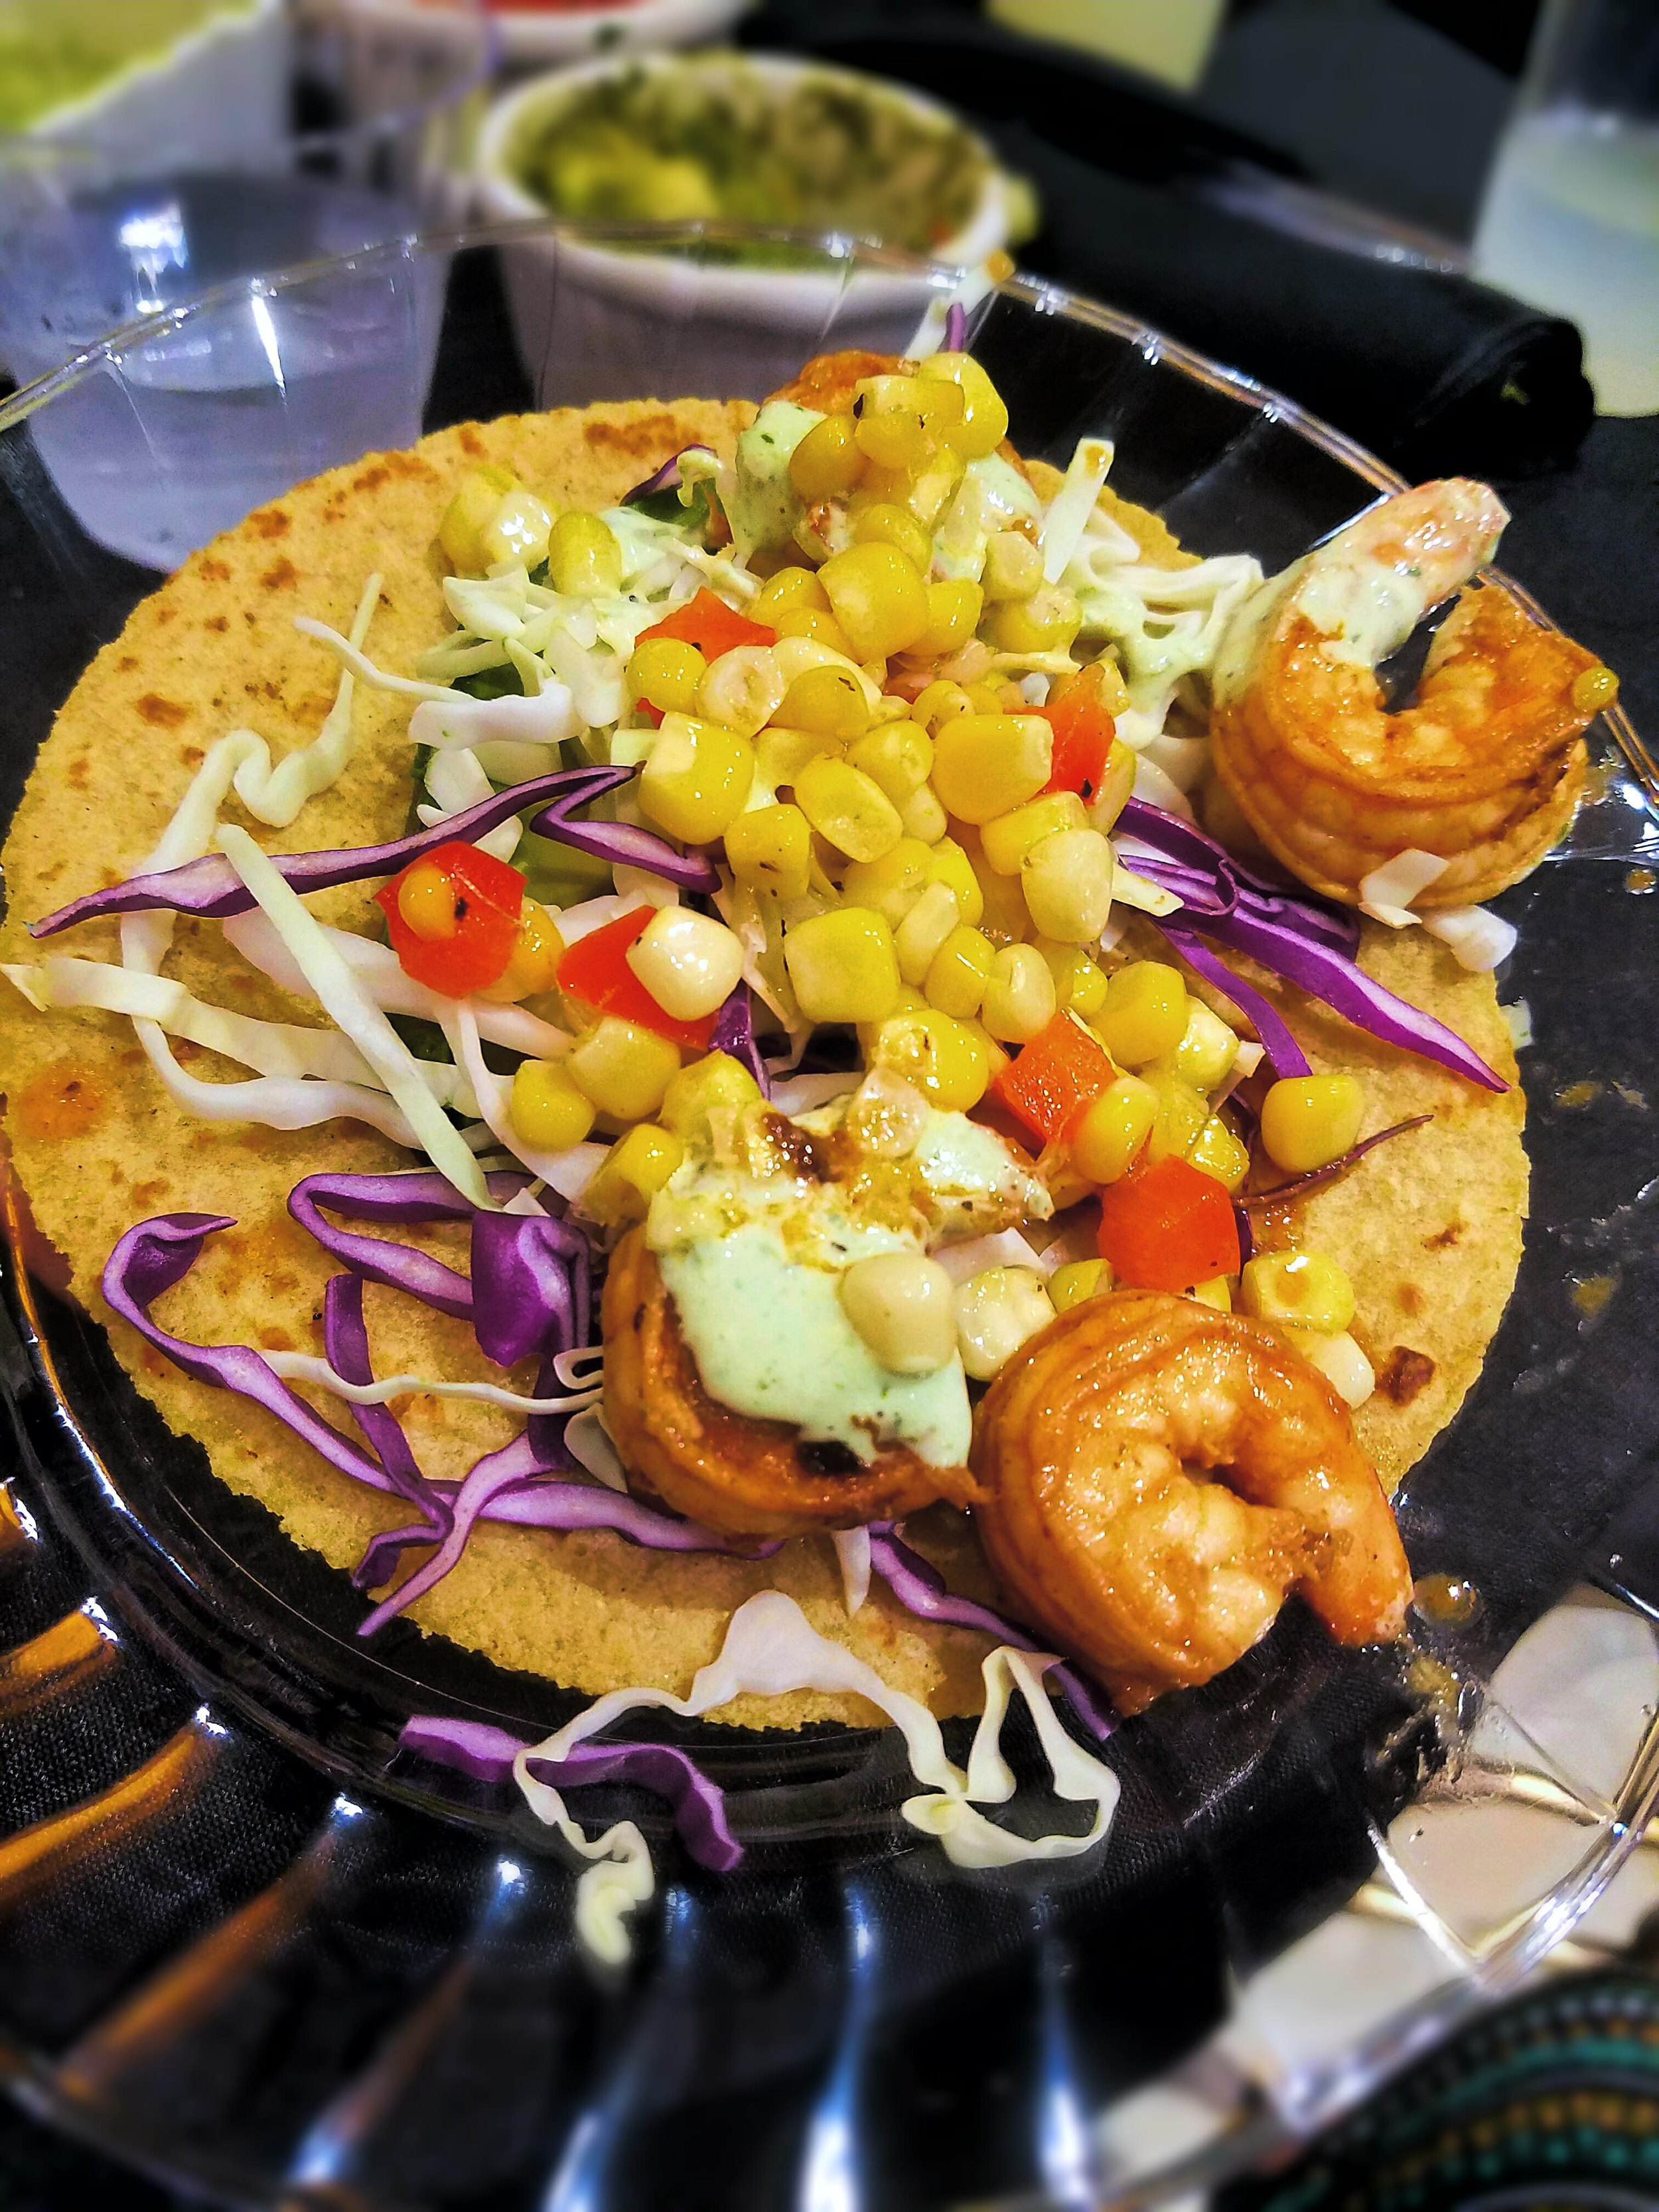 shrimp-avocado-taco-el-pollo-loco